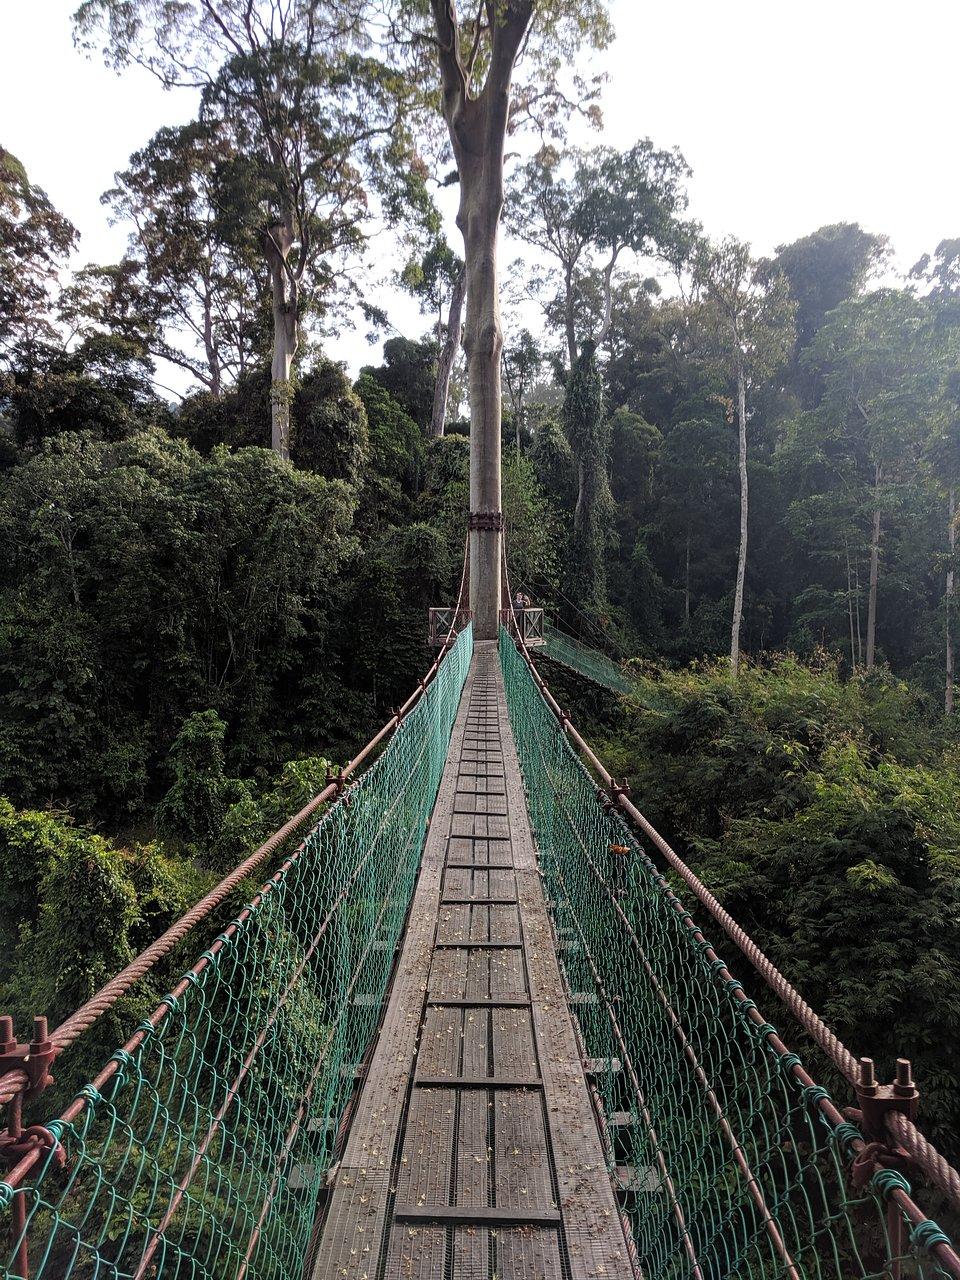 Nikmati Alam Semula Jadi Dengan Style Di Borneo Rainforest Lodge, Lembah Danum